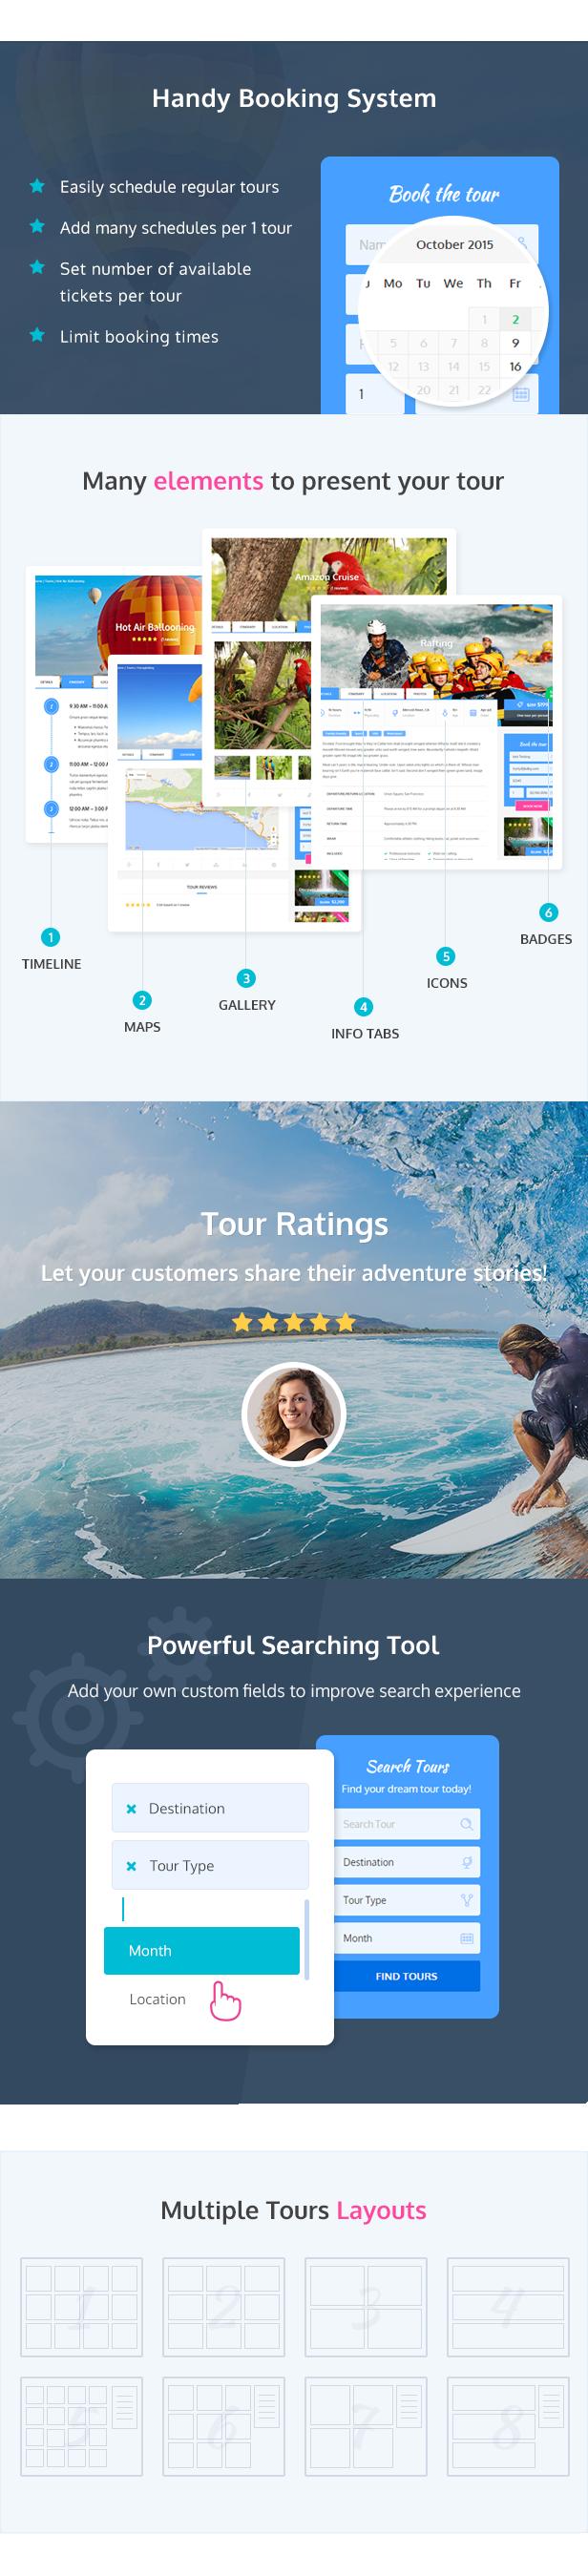 Adventure Tours - WordPress Tour/Travel Theme - 3